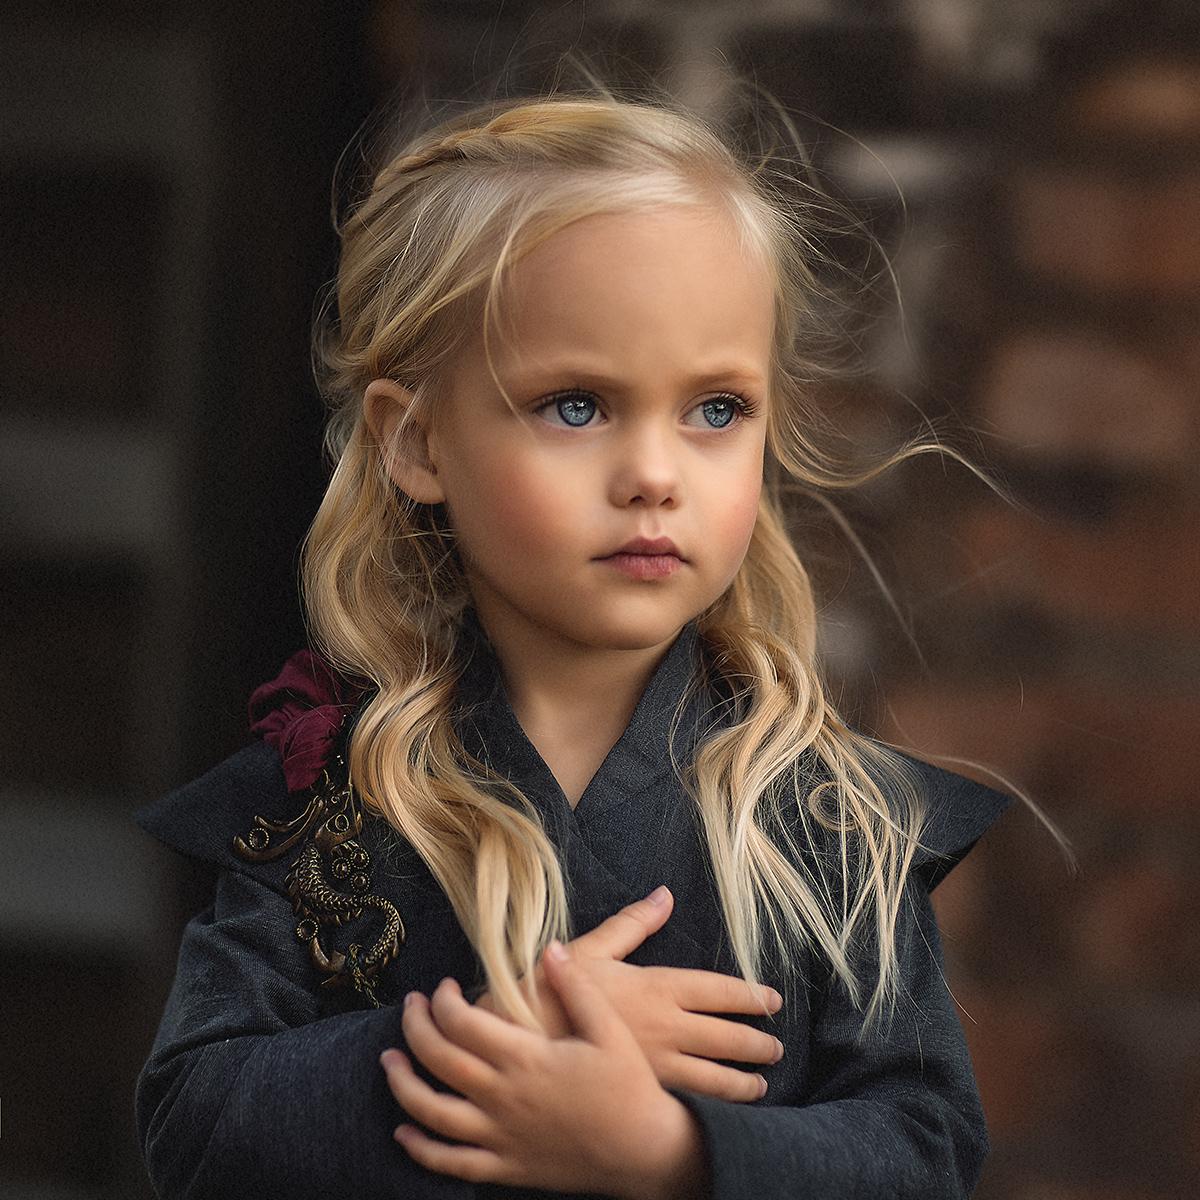 Фото Симпатичная девочка с серьезным выражением лица. Фотограф Елена Михайлова